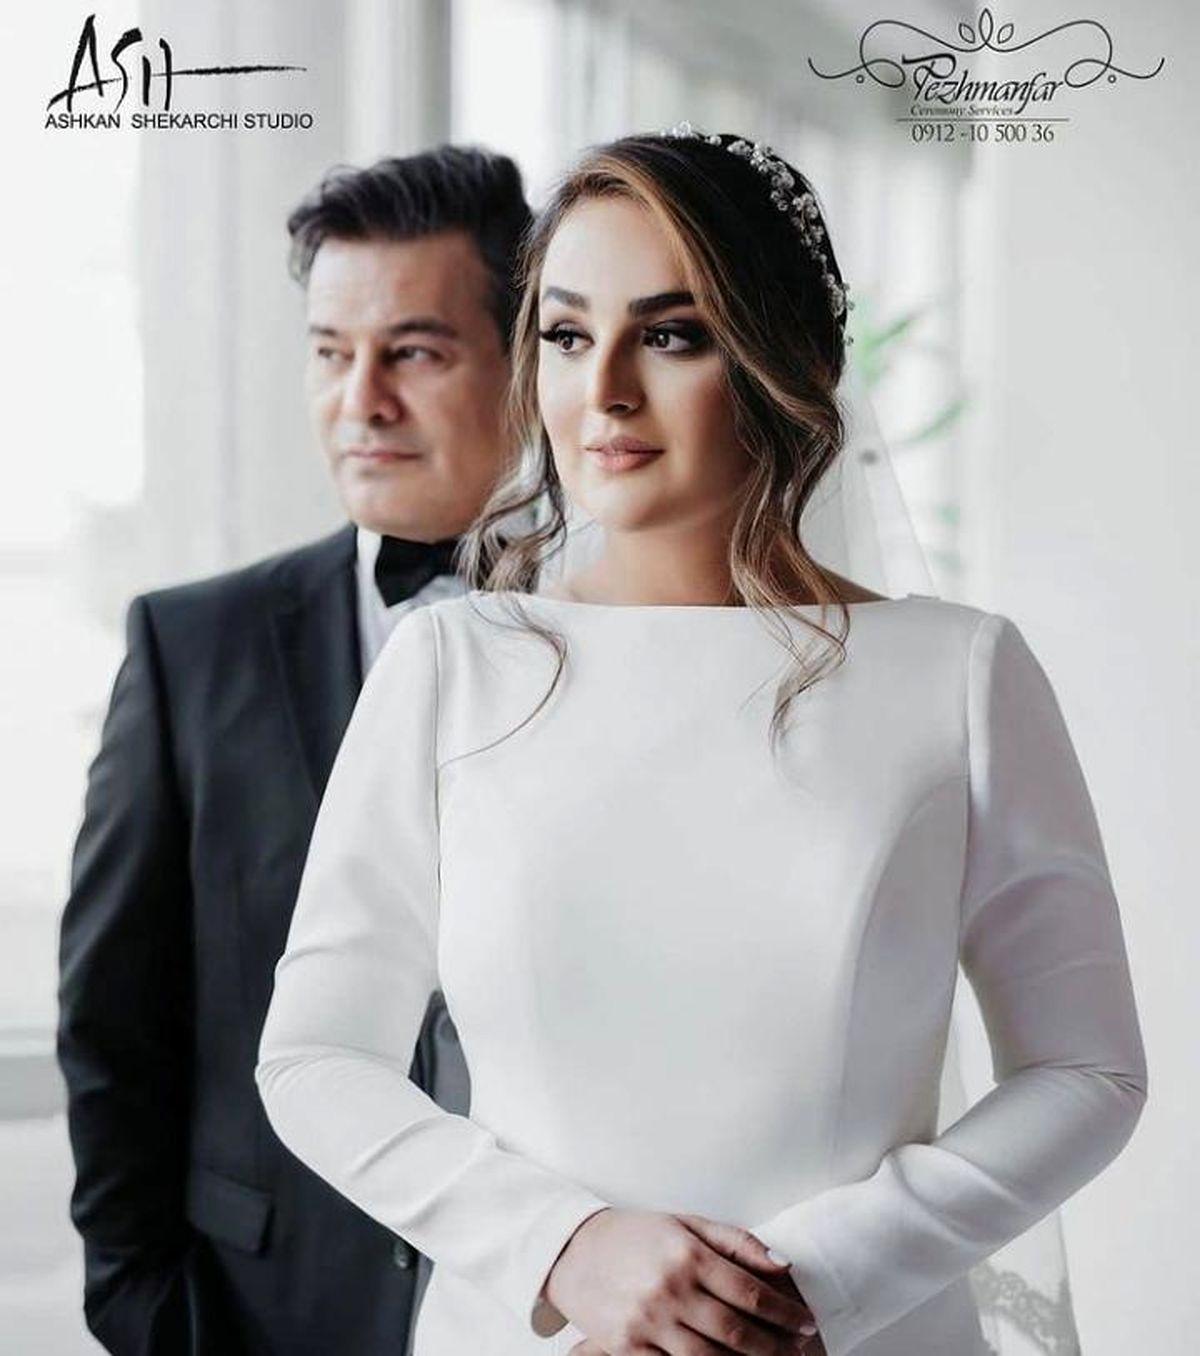 عکس جدید از پیمان قاسم خانی و همسر جدیدش + عکس